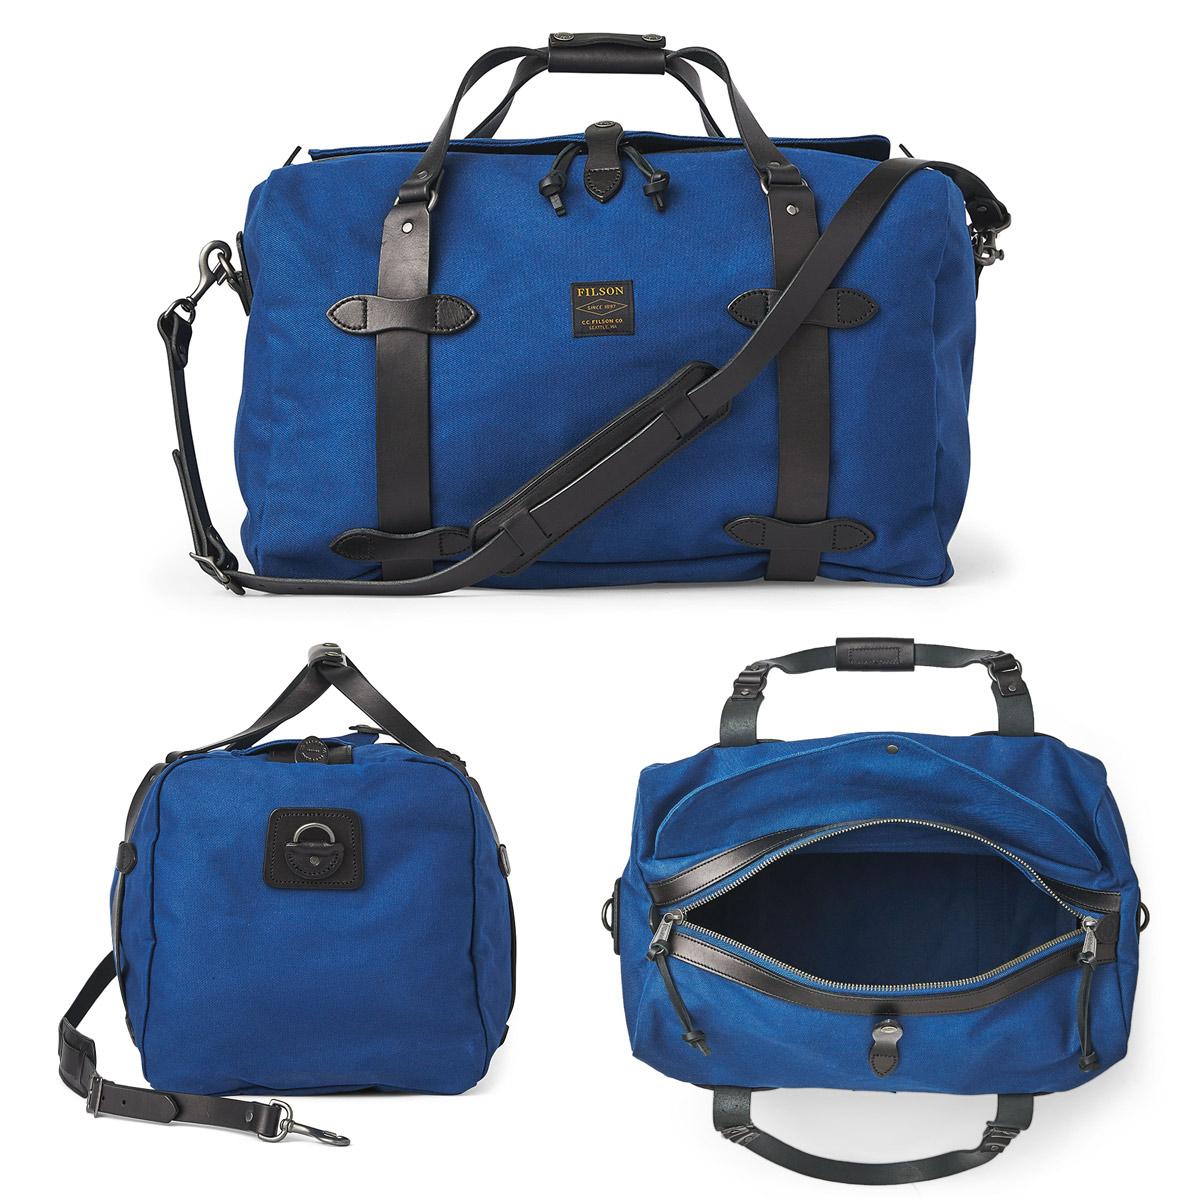 Filson Duffle Medium Flag Blue, perfekt für einen Wochenendausflug oder eine kleine Geschäftsreise